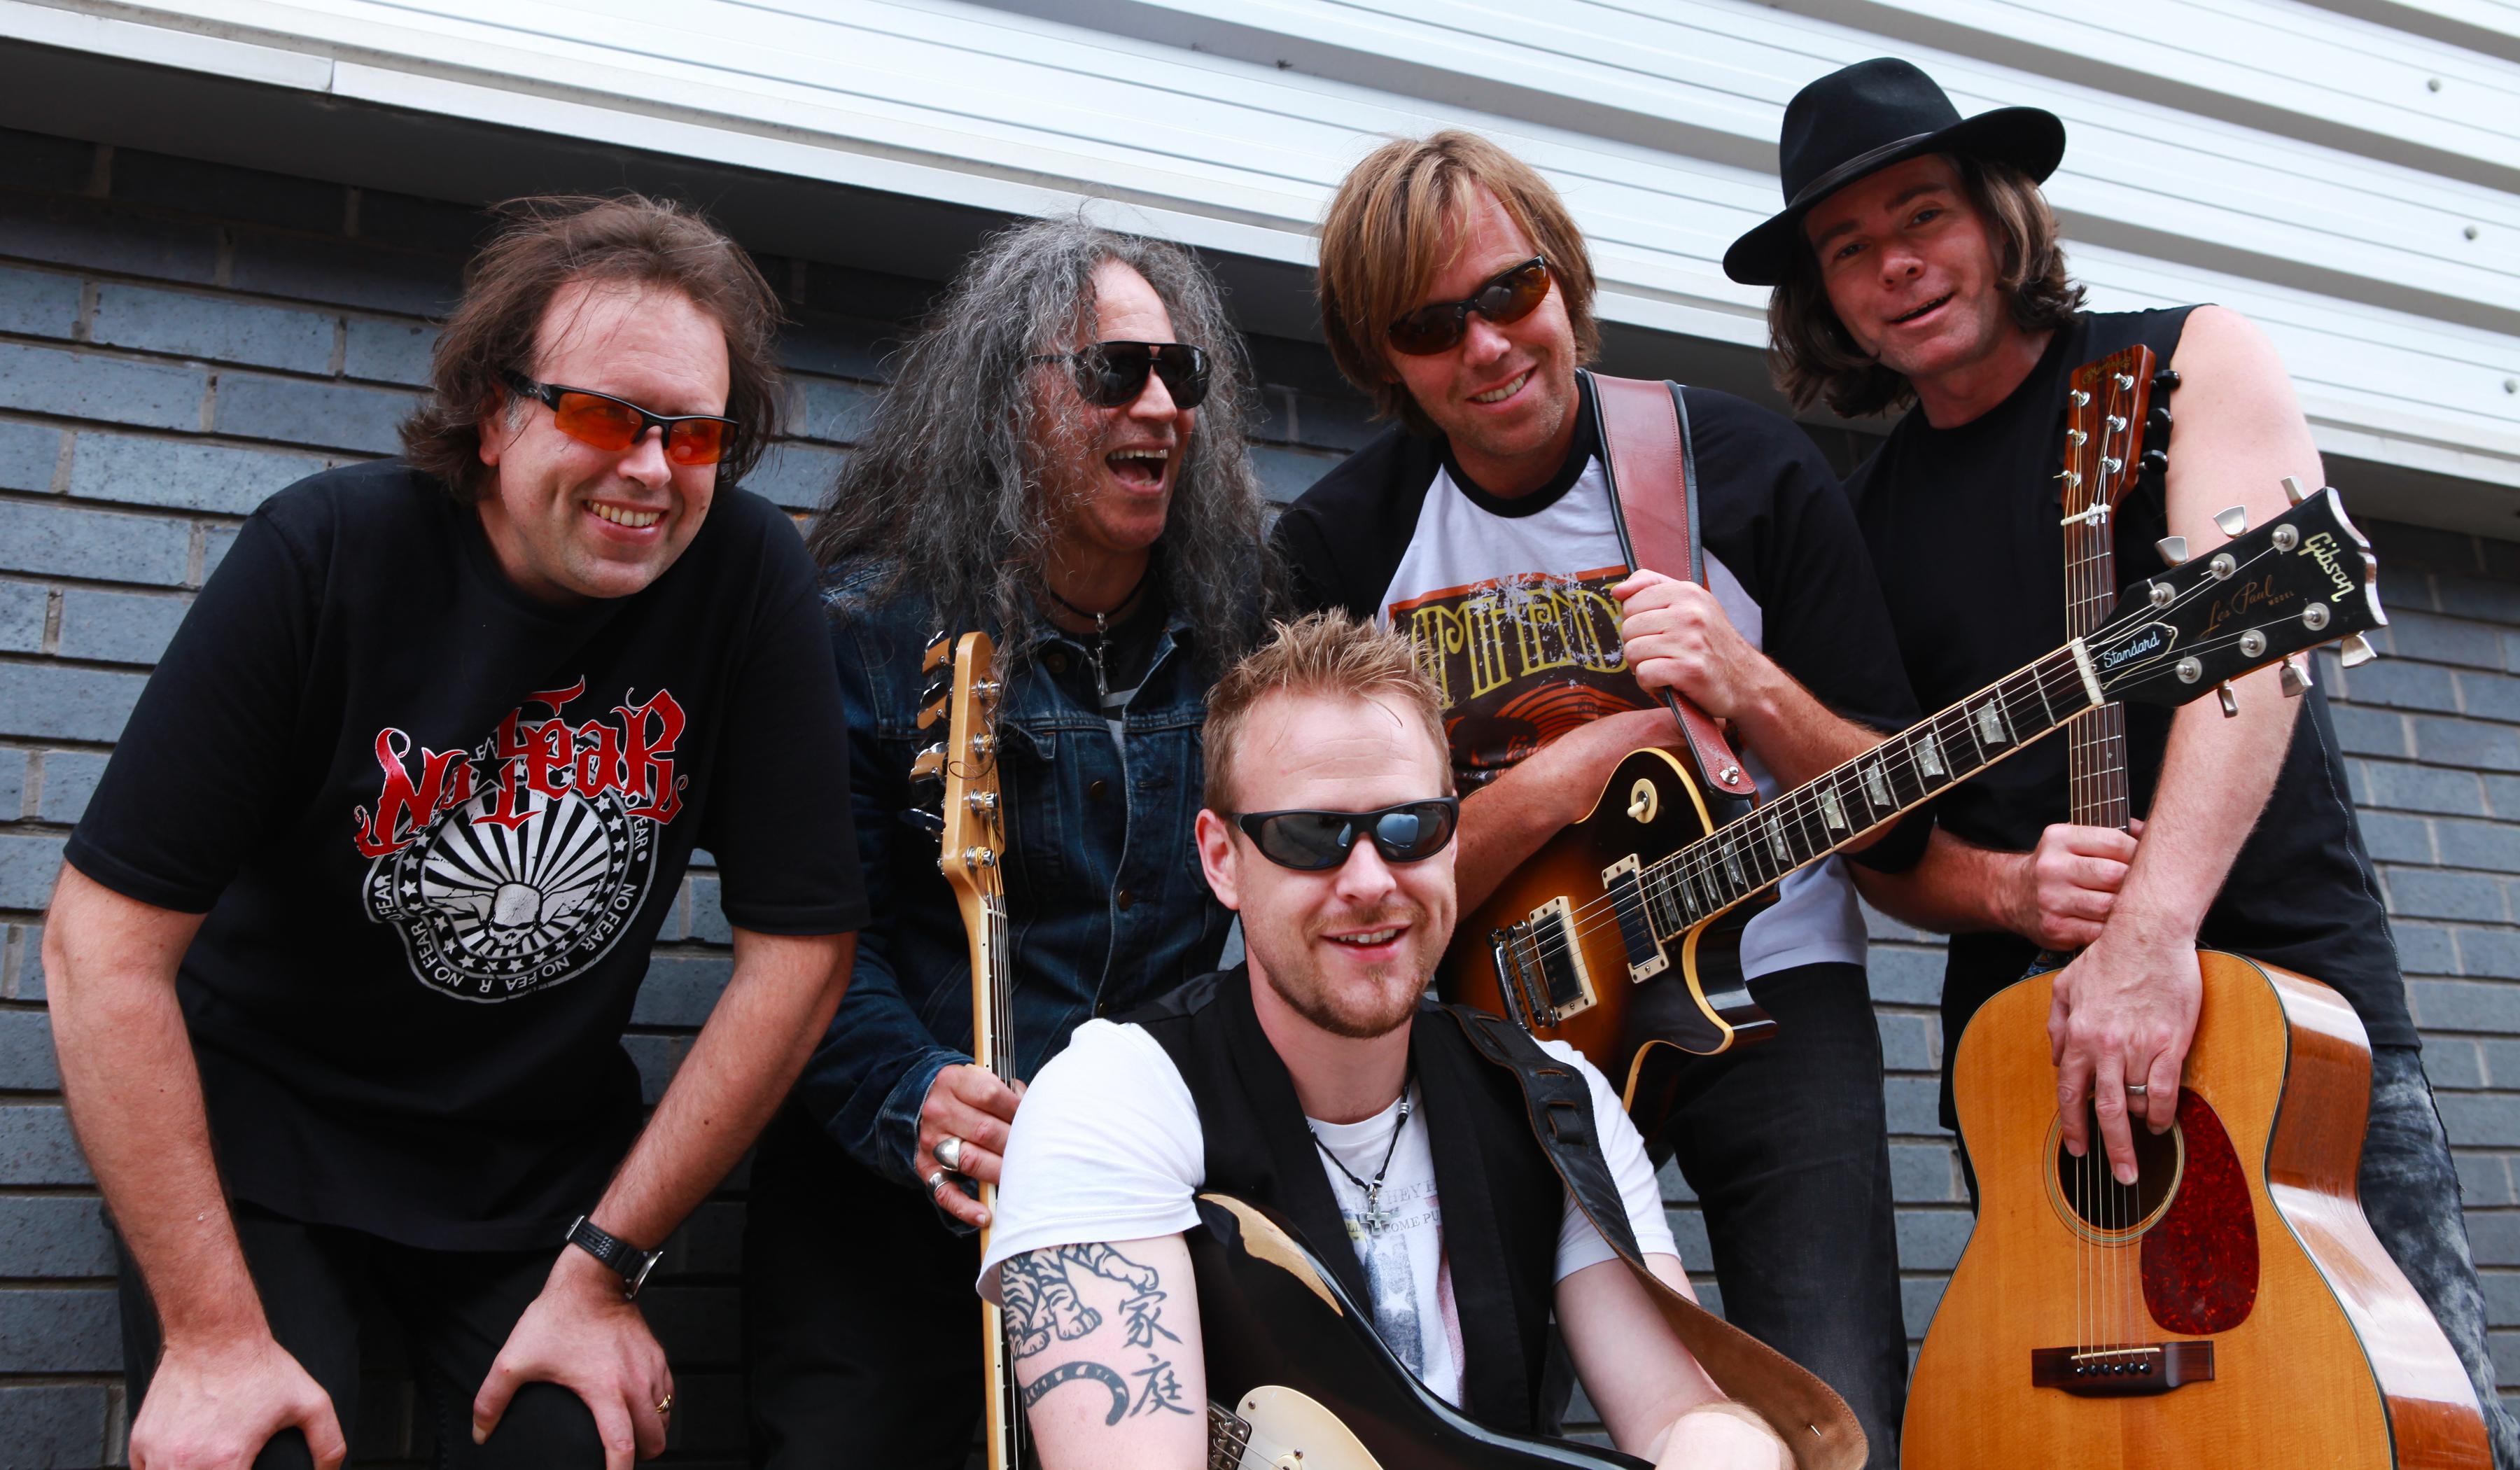 Ultimate Rock Band